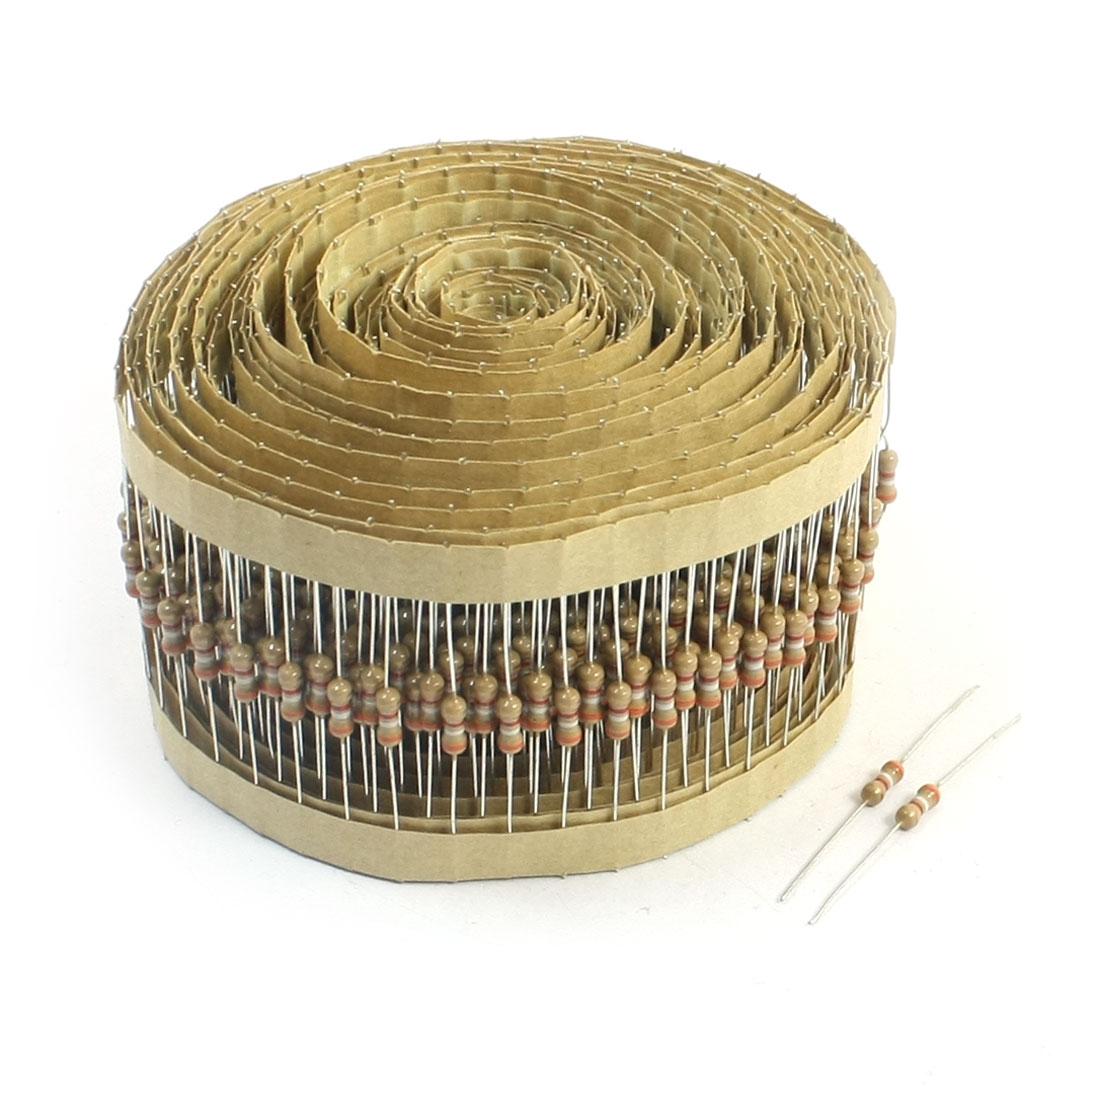 800Pcs Electirc Components 5% Fixed Carbon Film Resistors 3.9K Ohm 1/4W